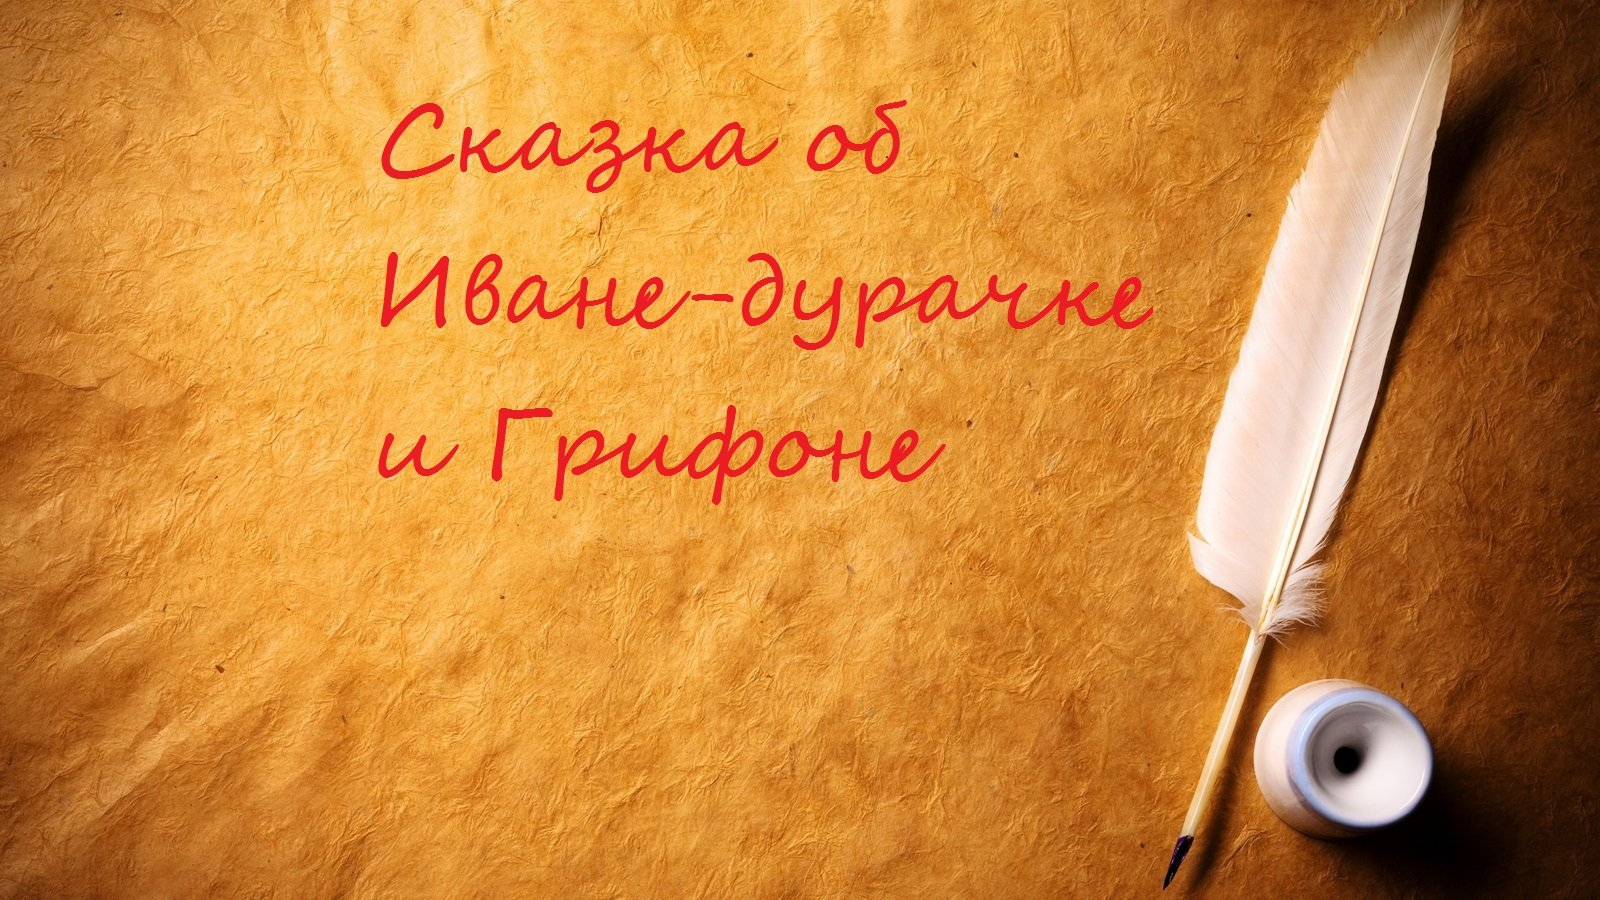 Сказка об Иване-дурачке и Грифоне - Изображение 1